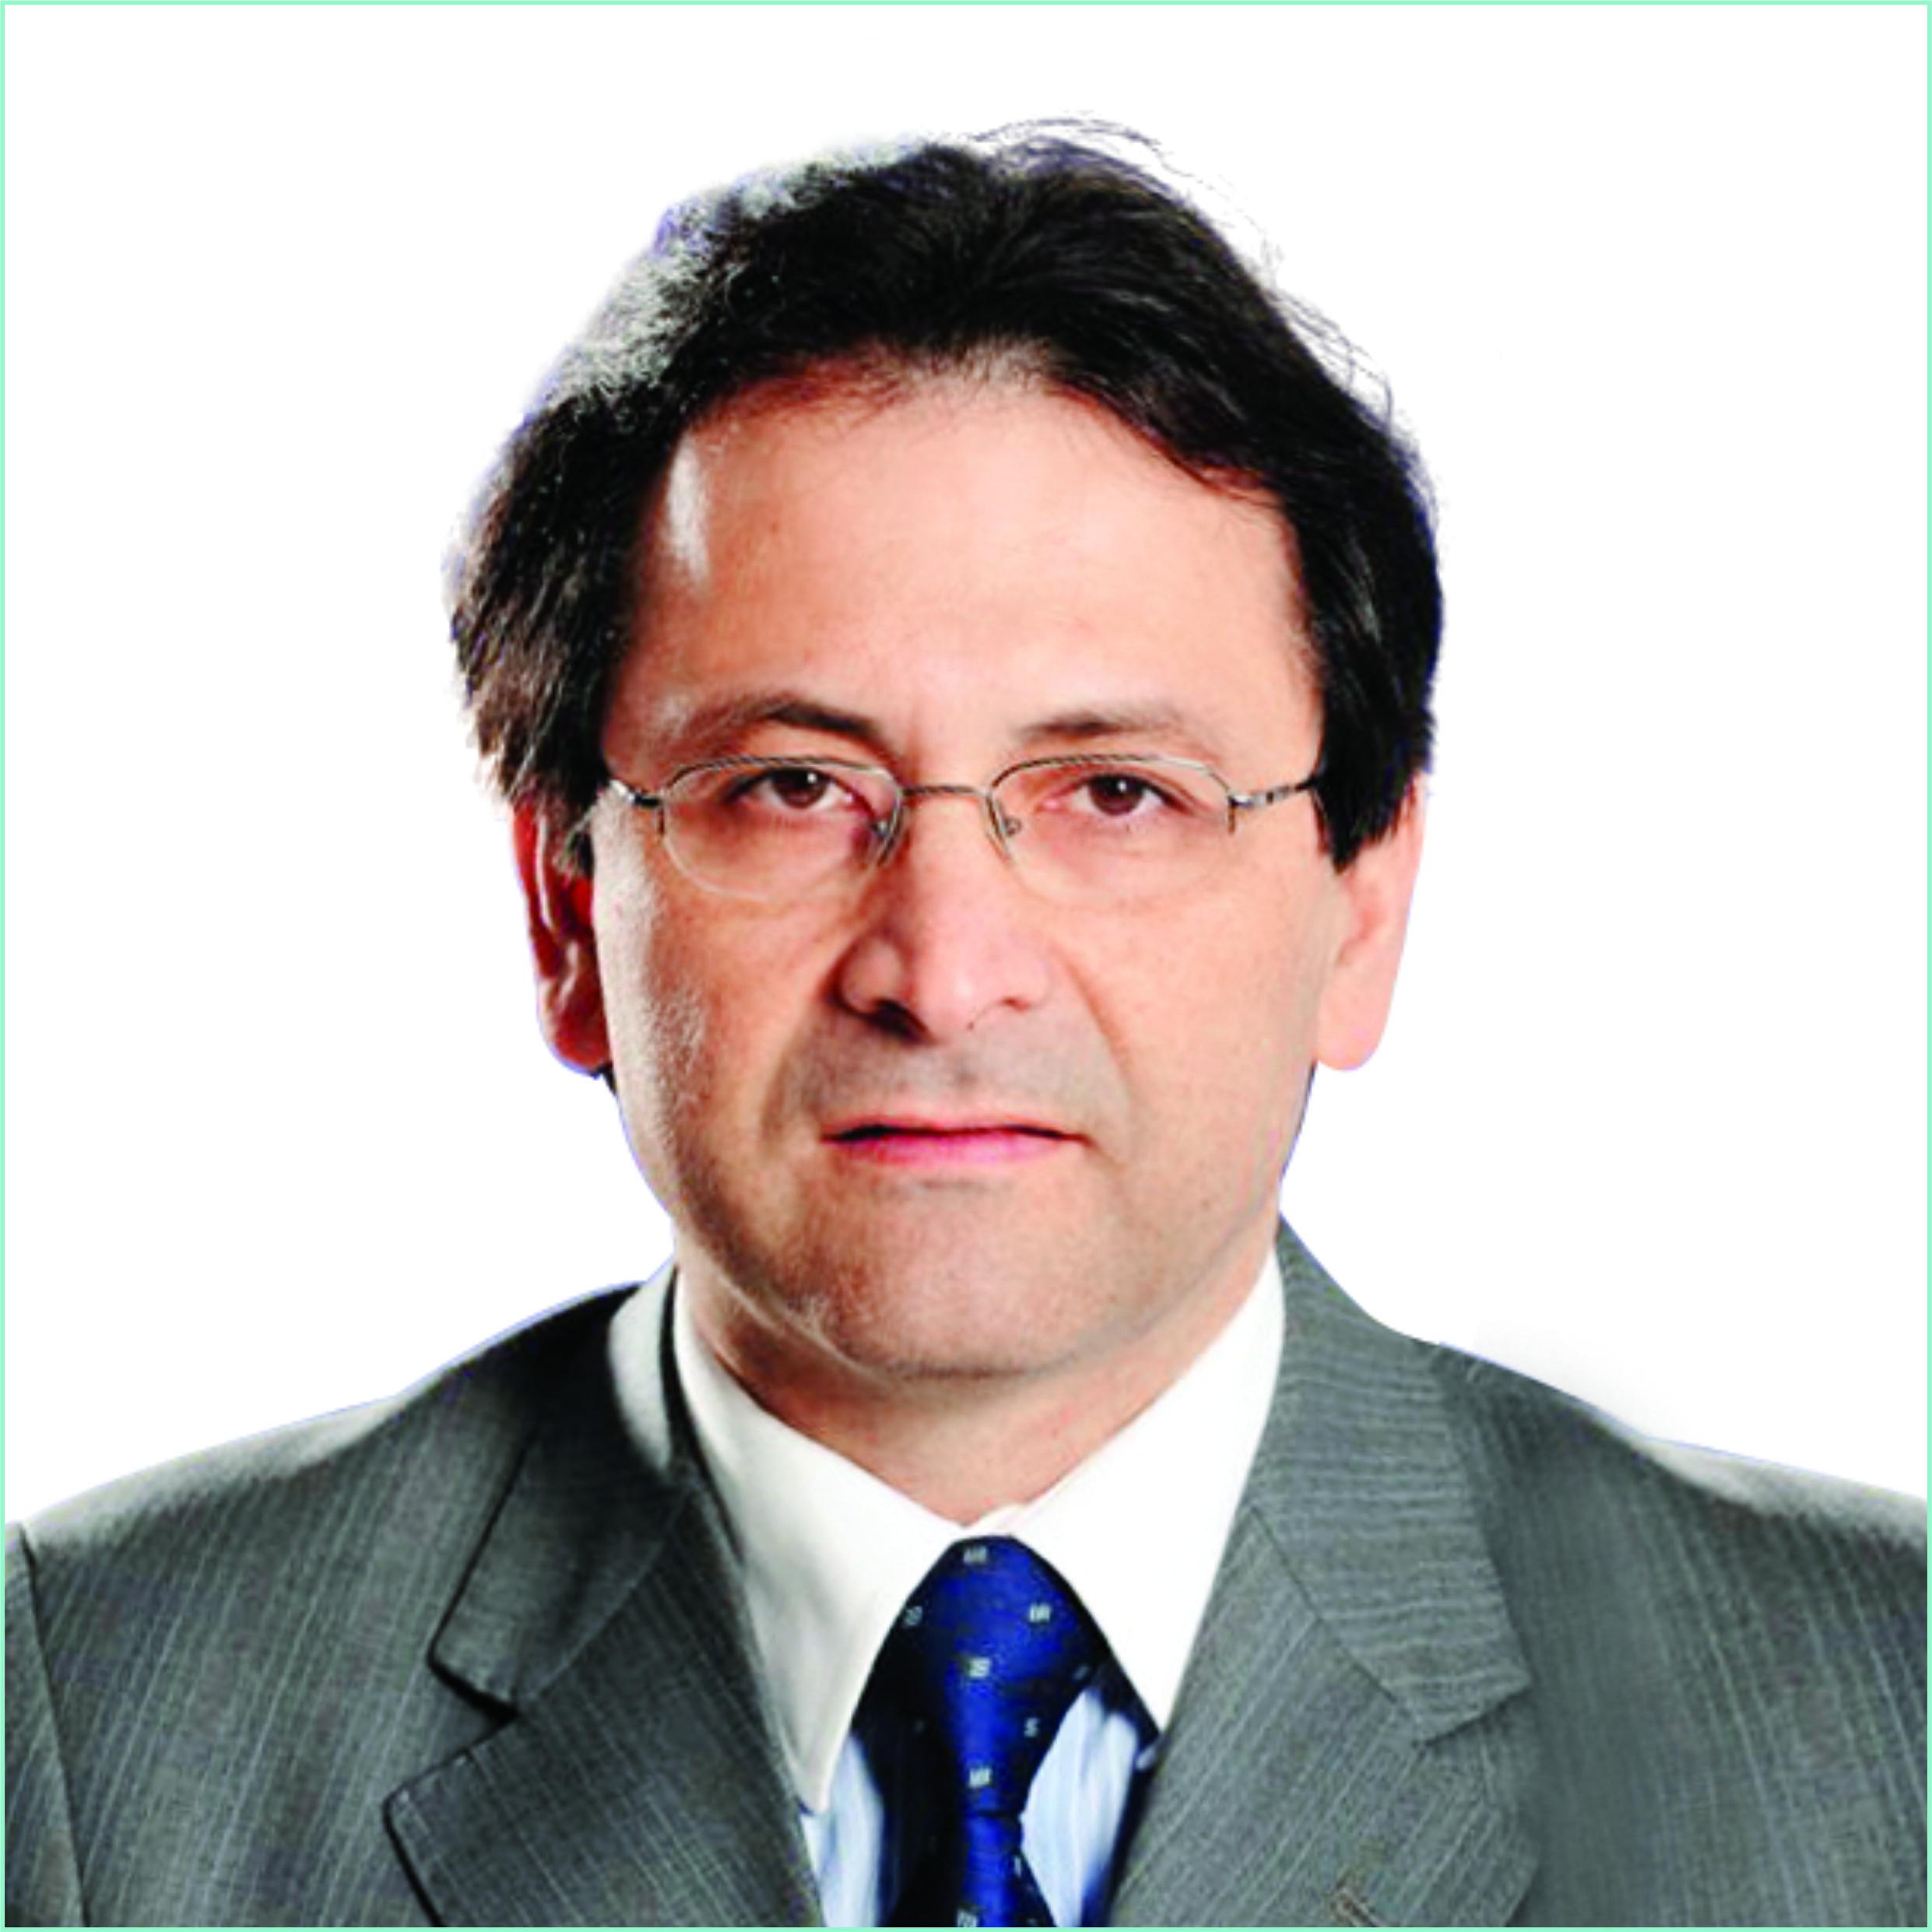 Membro do conselho: Carlos Eduardo de Liz